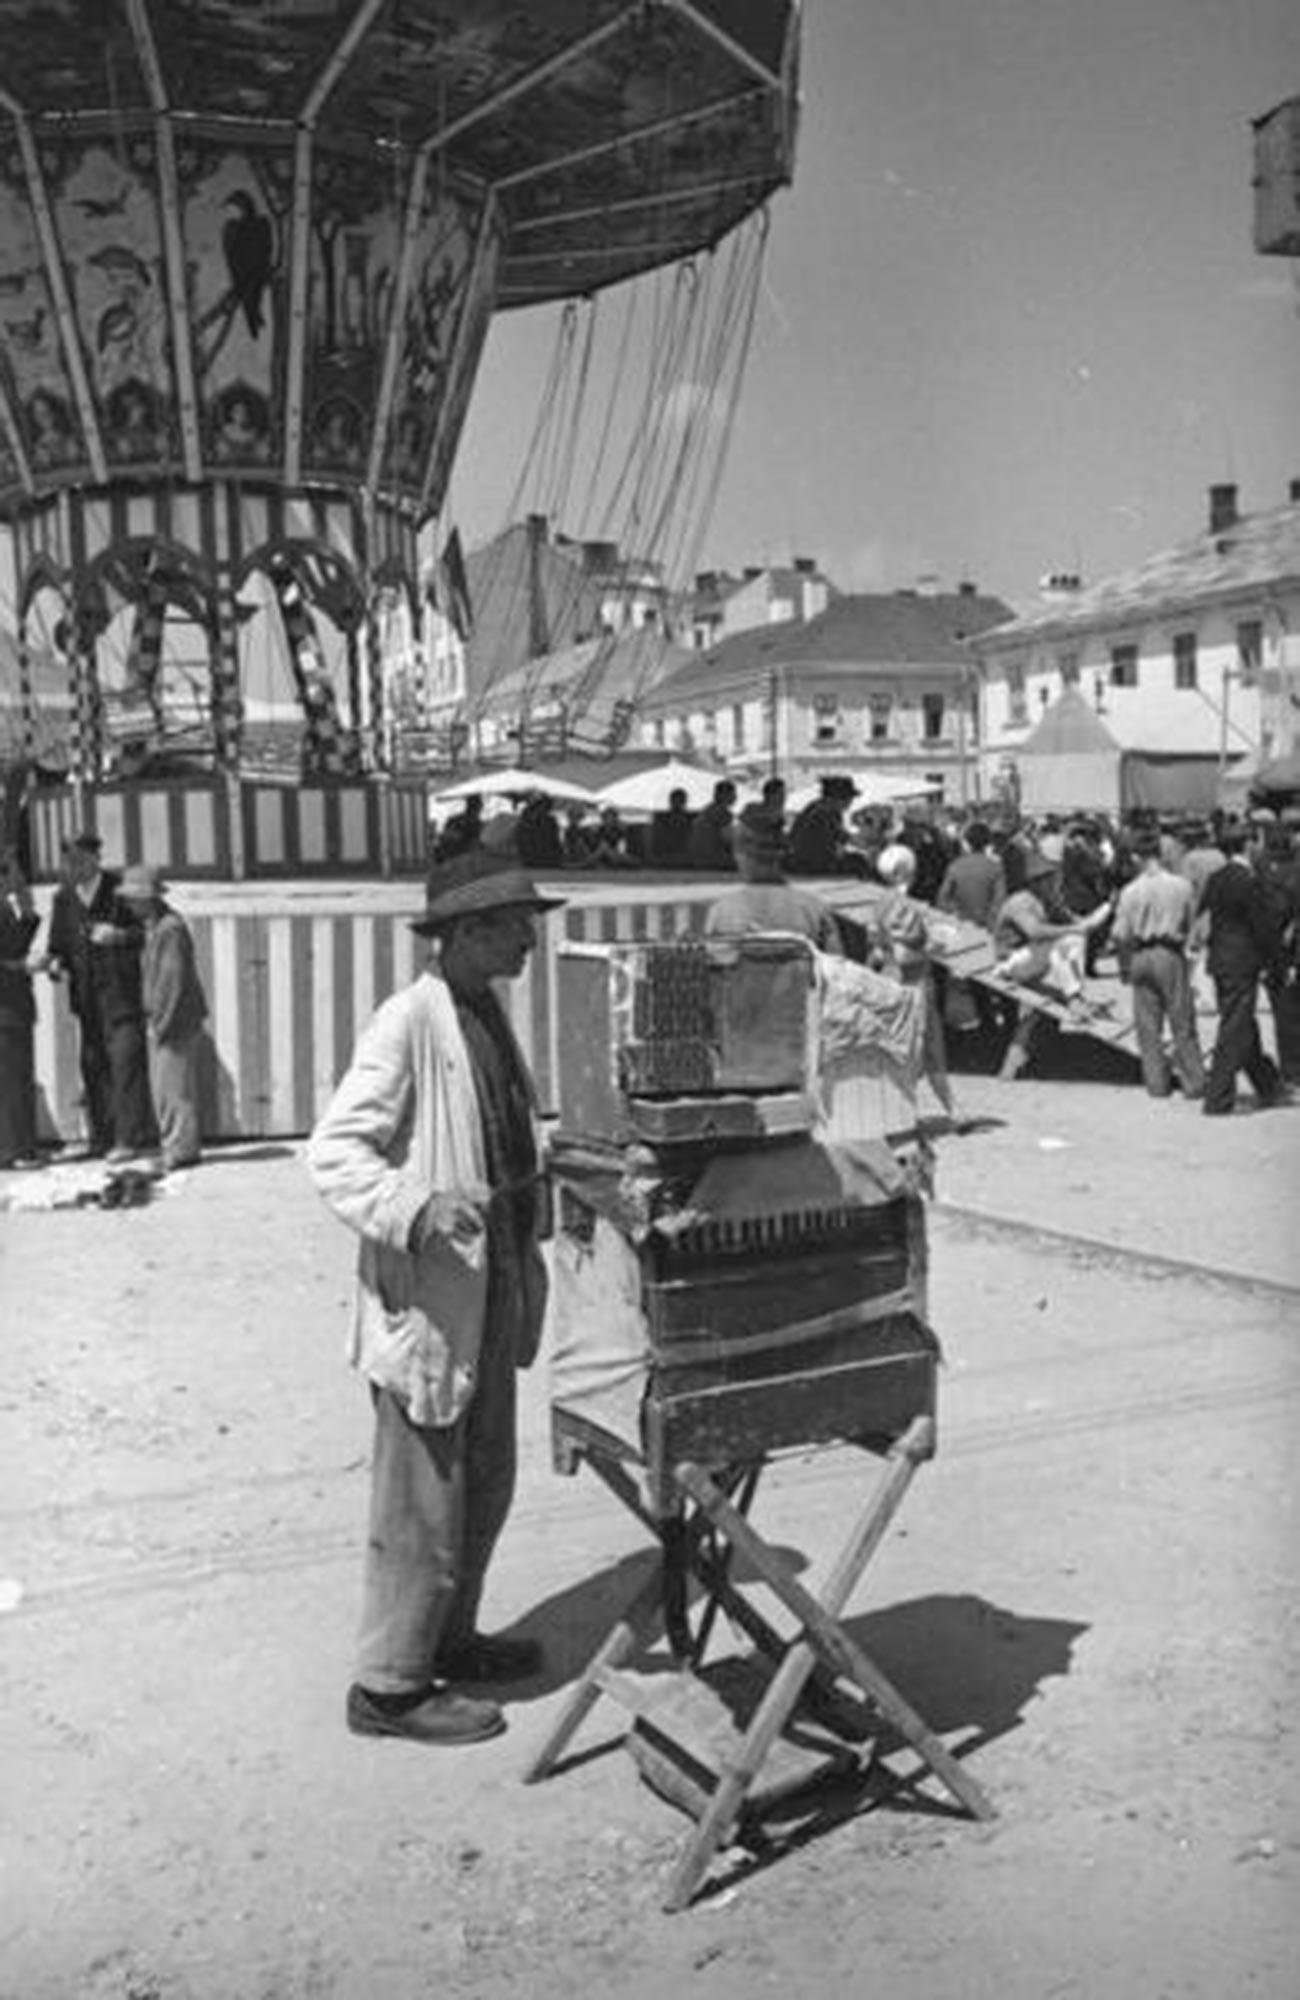 Penggiling organ dengan burung beo di sebuah pameran di Kota Chernivtsi, 1940.